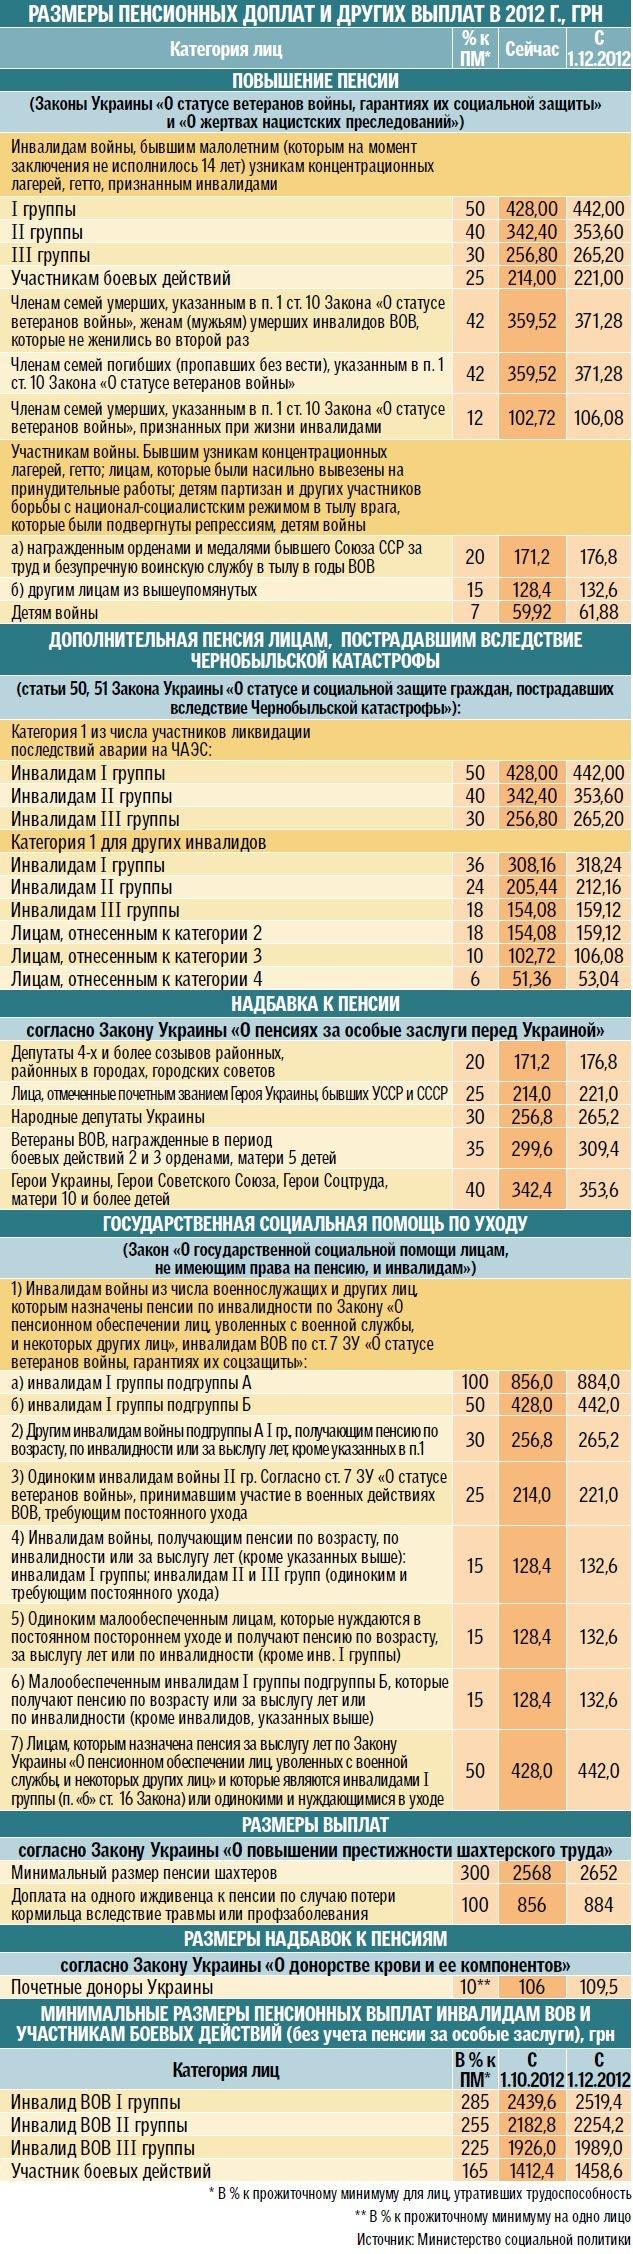 Инвалида новости украины жилье в первую очередь предоставляется инвалидам труда i и ii групп и инвалидам i и ii